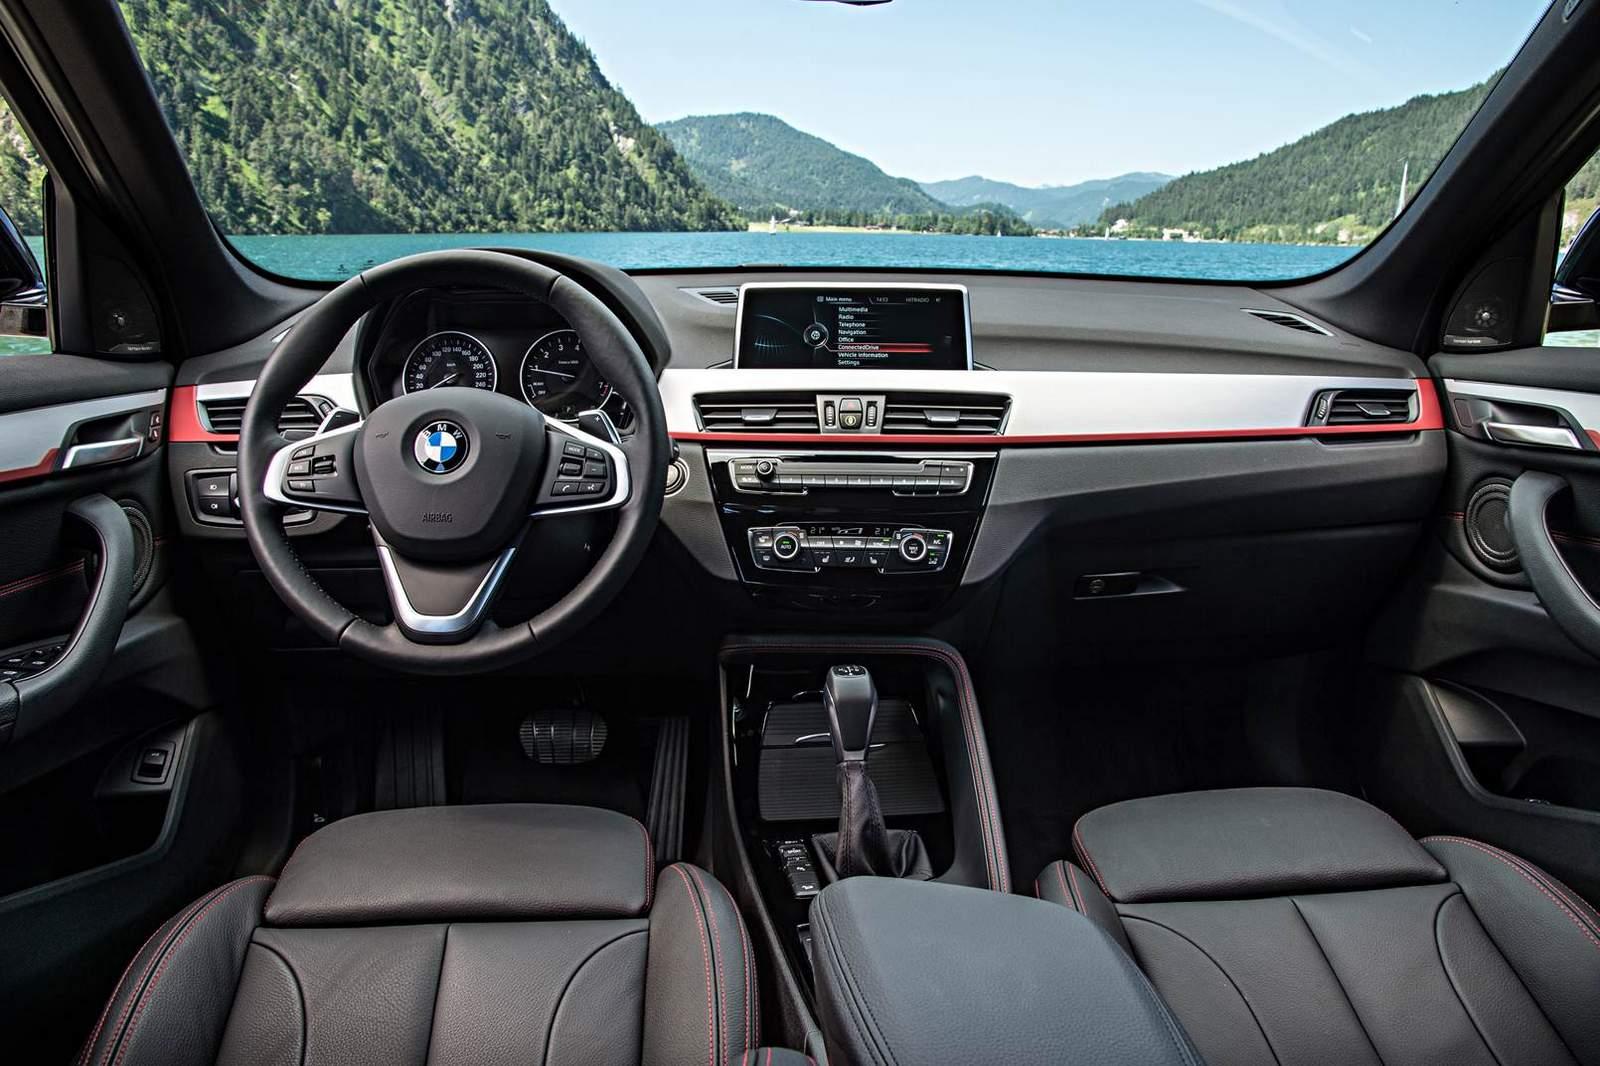 BMW榮獲2015新車調查三項首獎 零利率七月持續執行   …_插圖